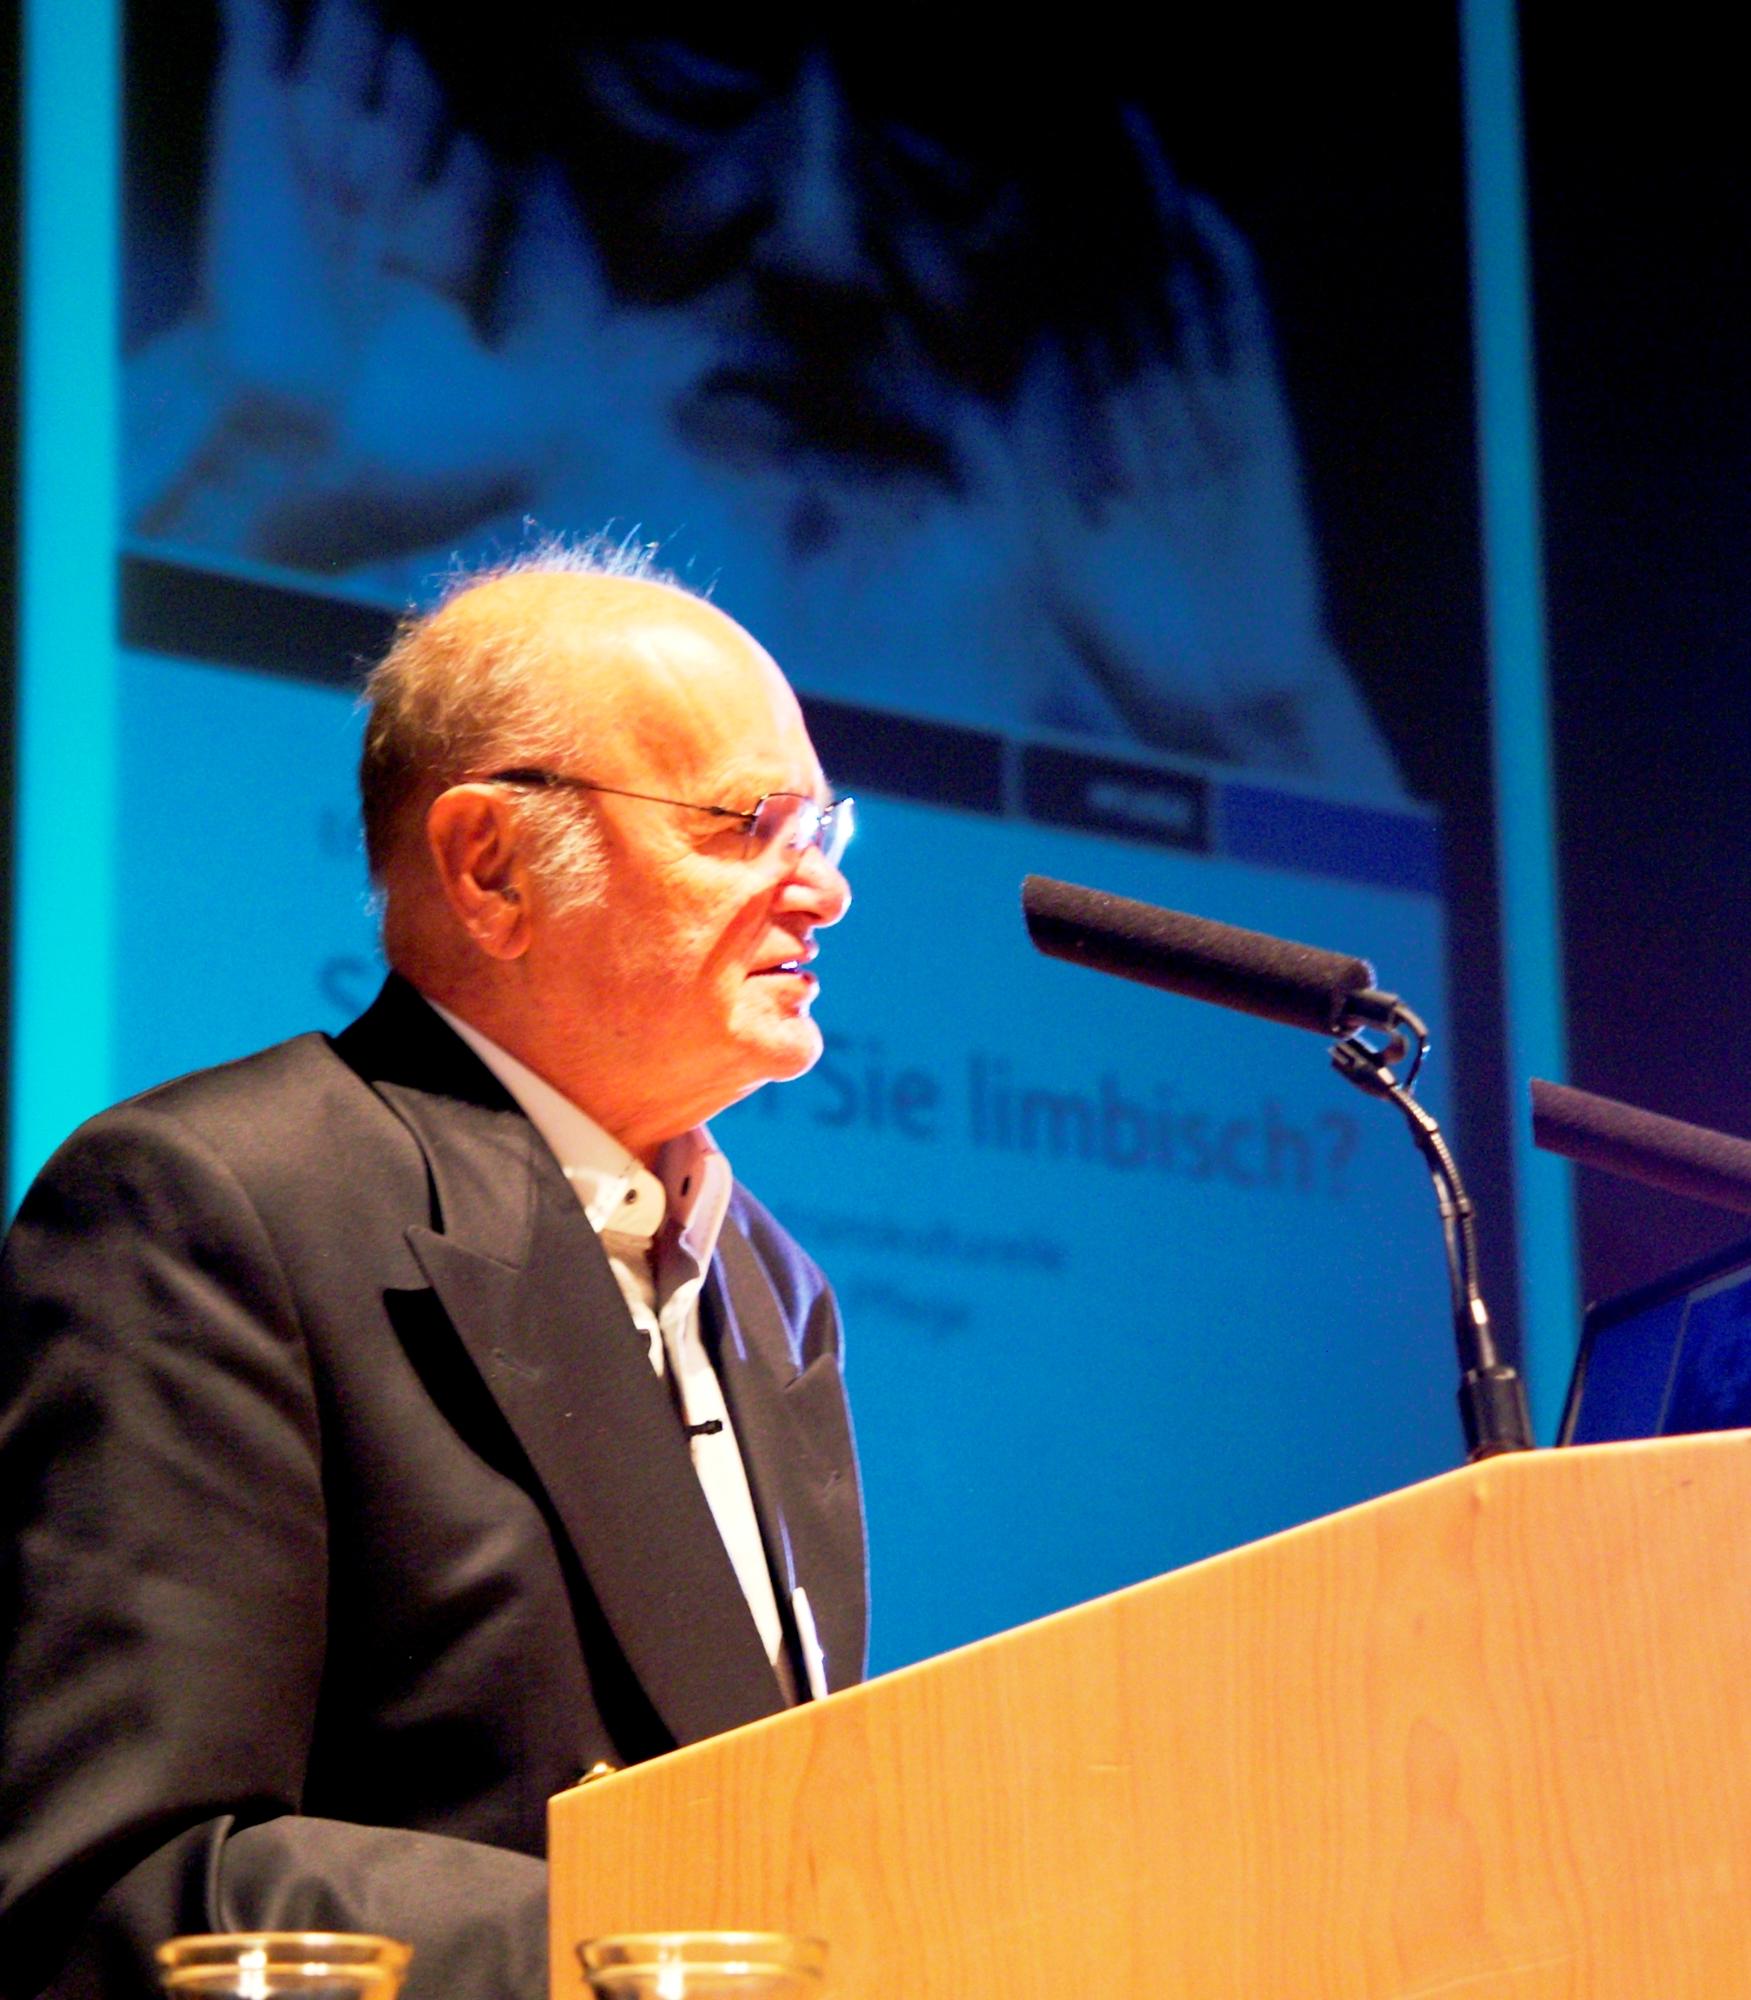 LAZARUS Ehrenpreis-Träger Prof. Erwin Böhm präsentierte sein neuestes Buch: